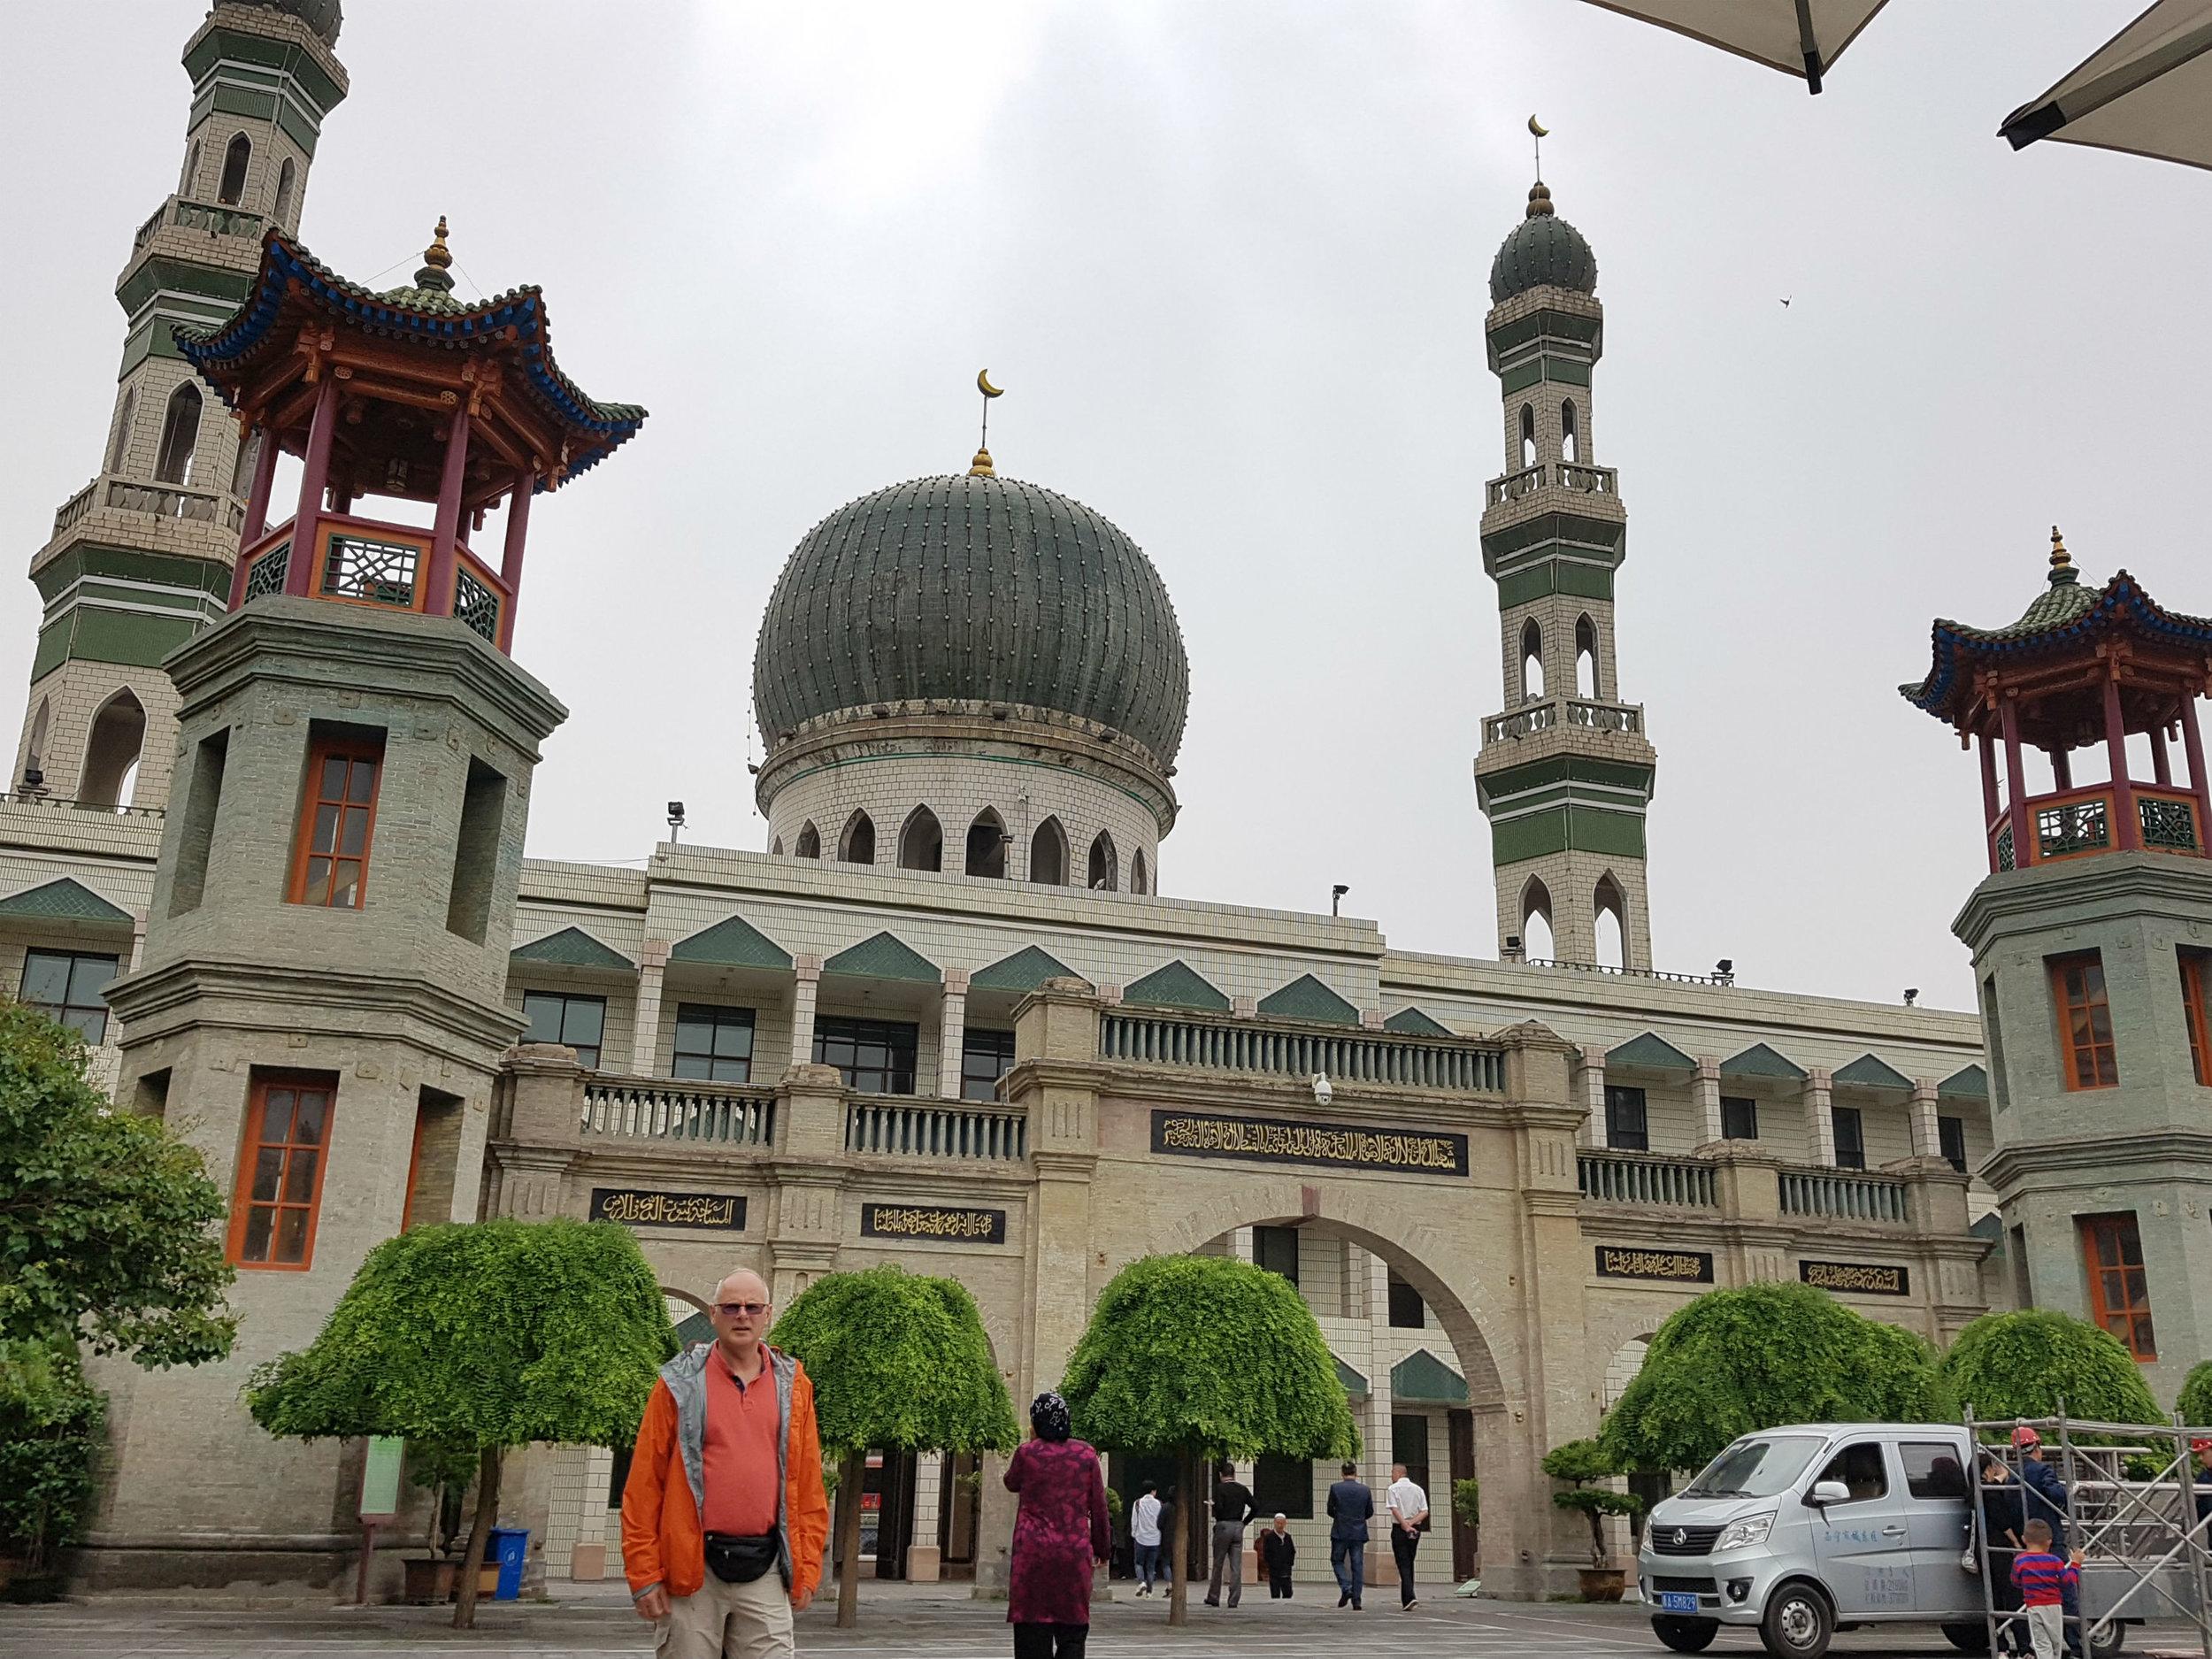 Dongguan Grand Mosque in Xining